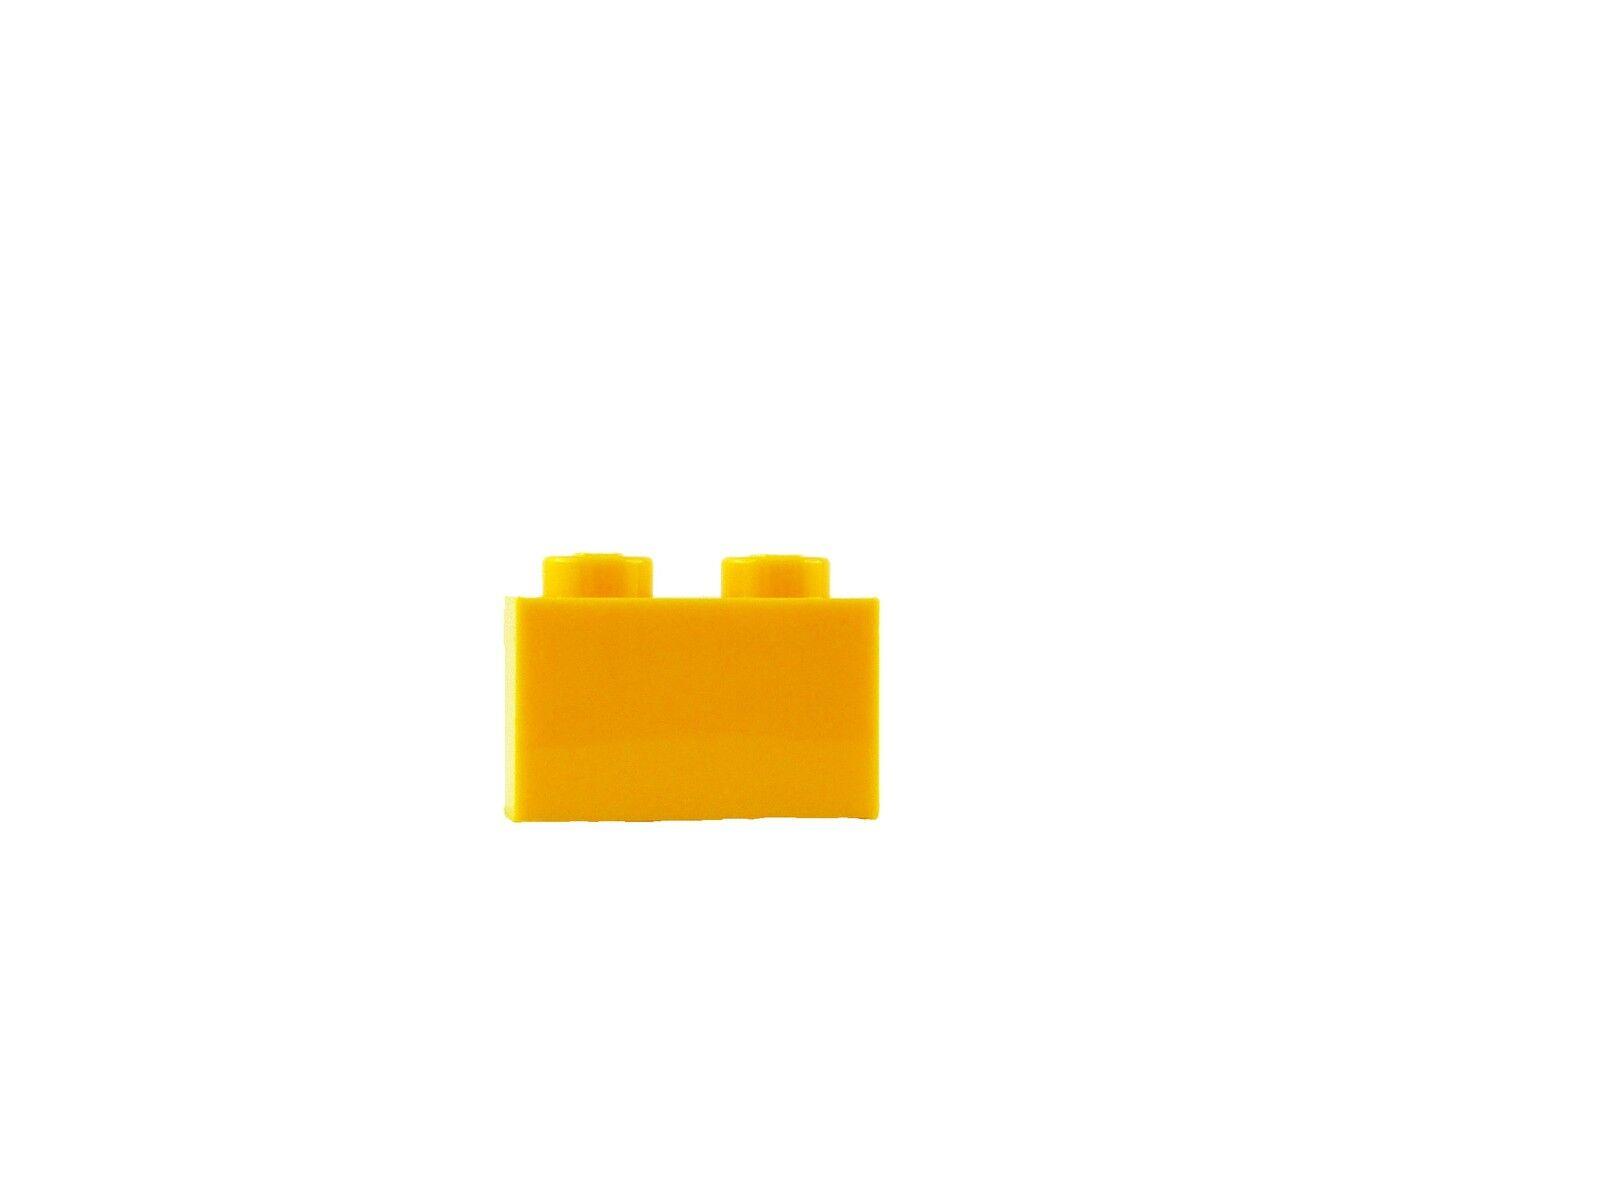 Lego Pack de 50 Pierre 1x2 orange clair (3004) NEUF BRILLANT lumière brique | Matière Choisie